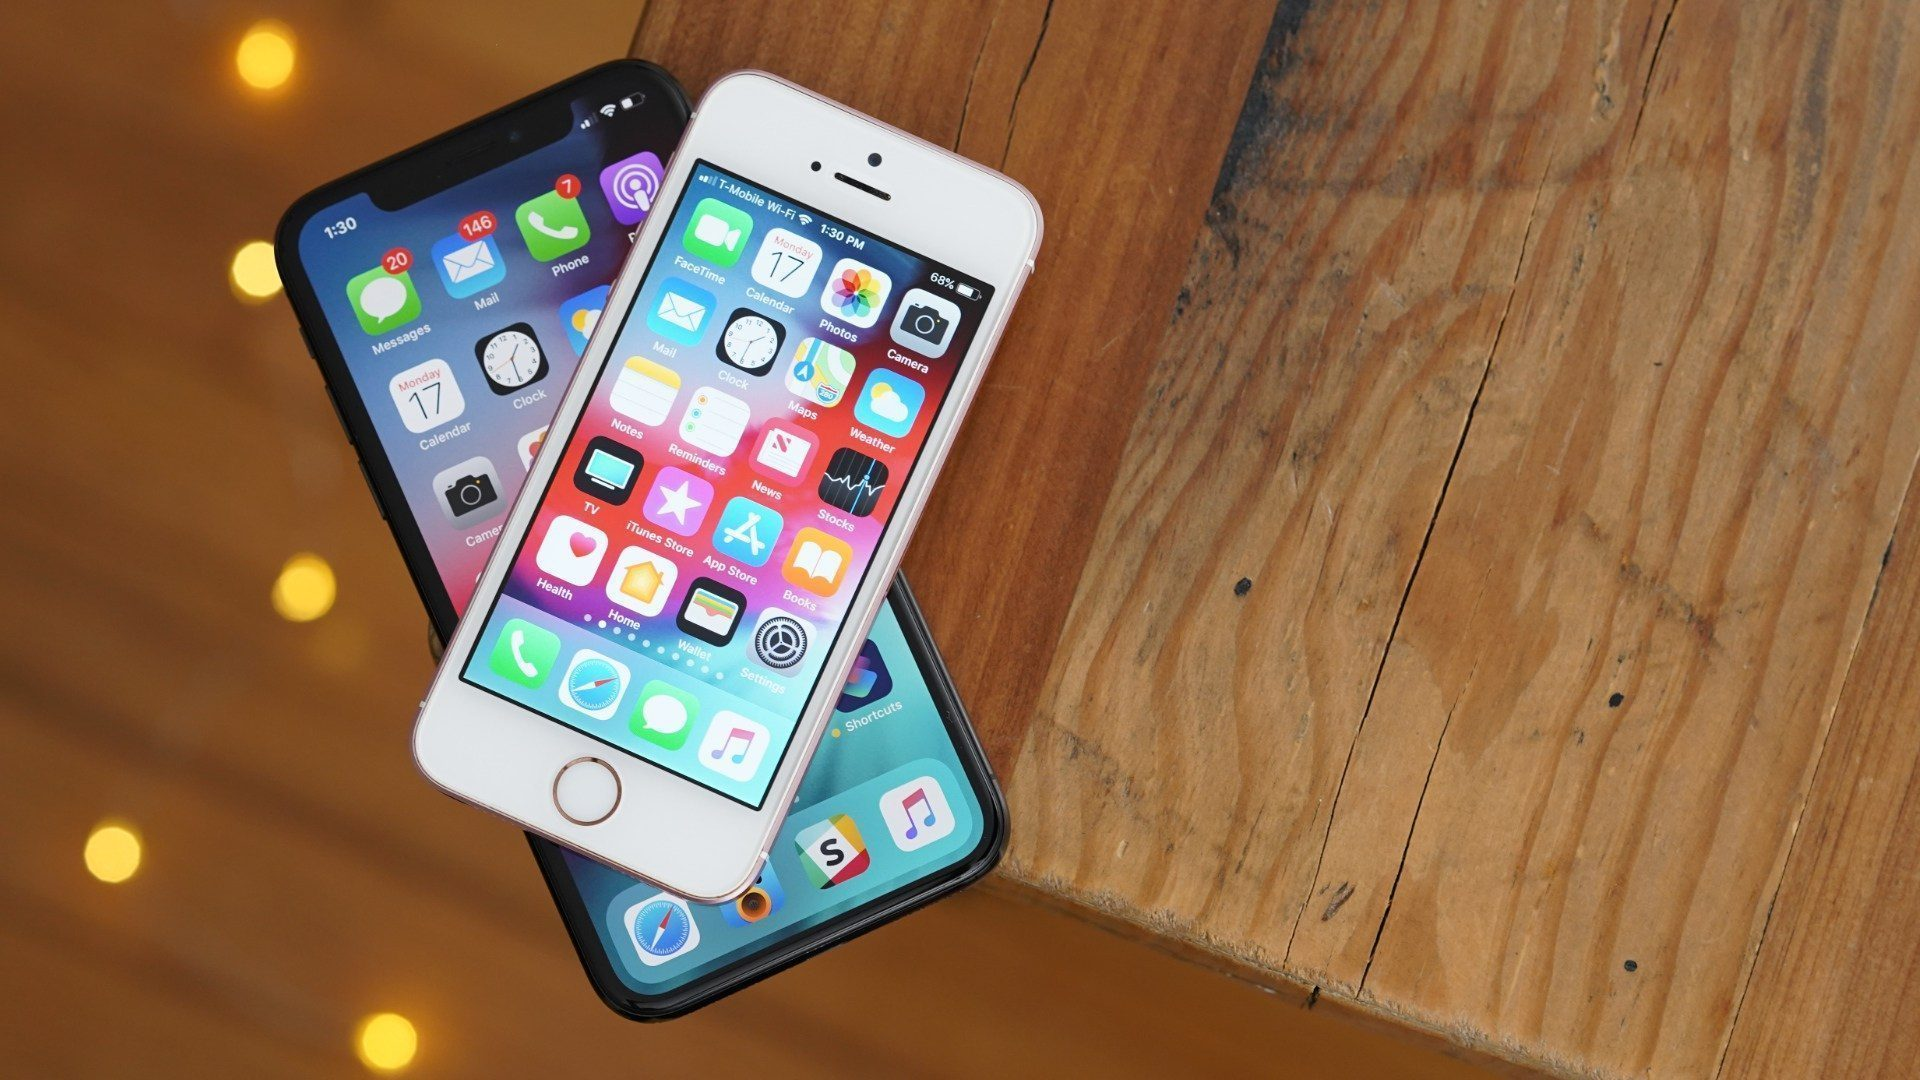 Project Zero zjistil, že se do iOS automaticky nahrával nebezpečný malware